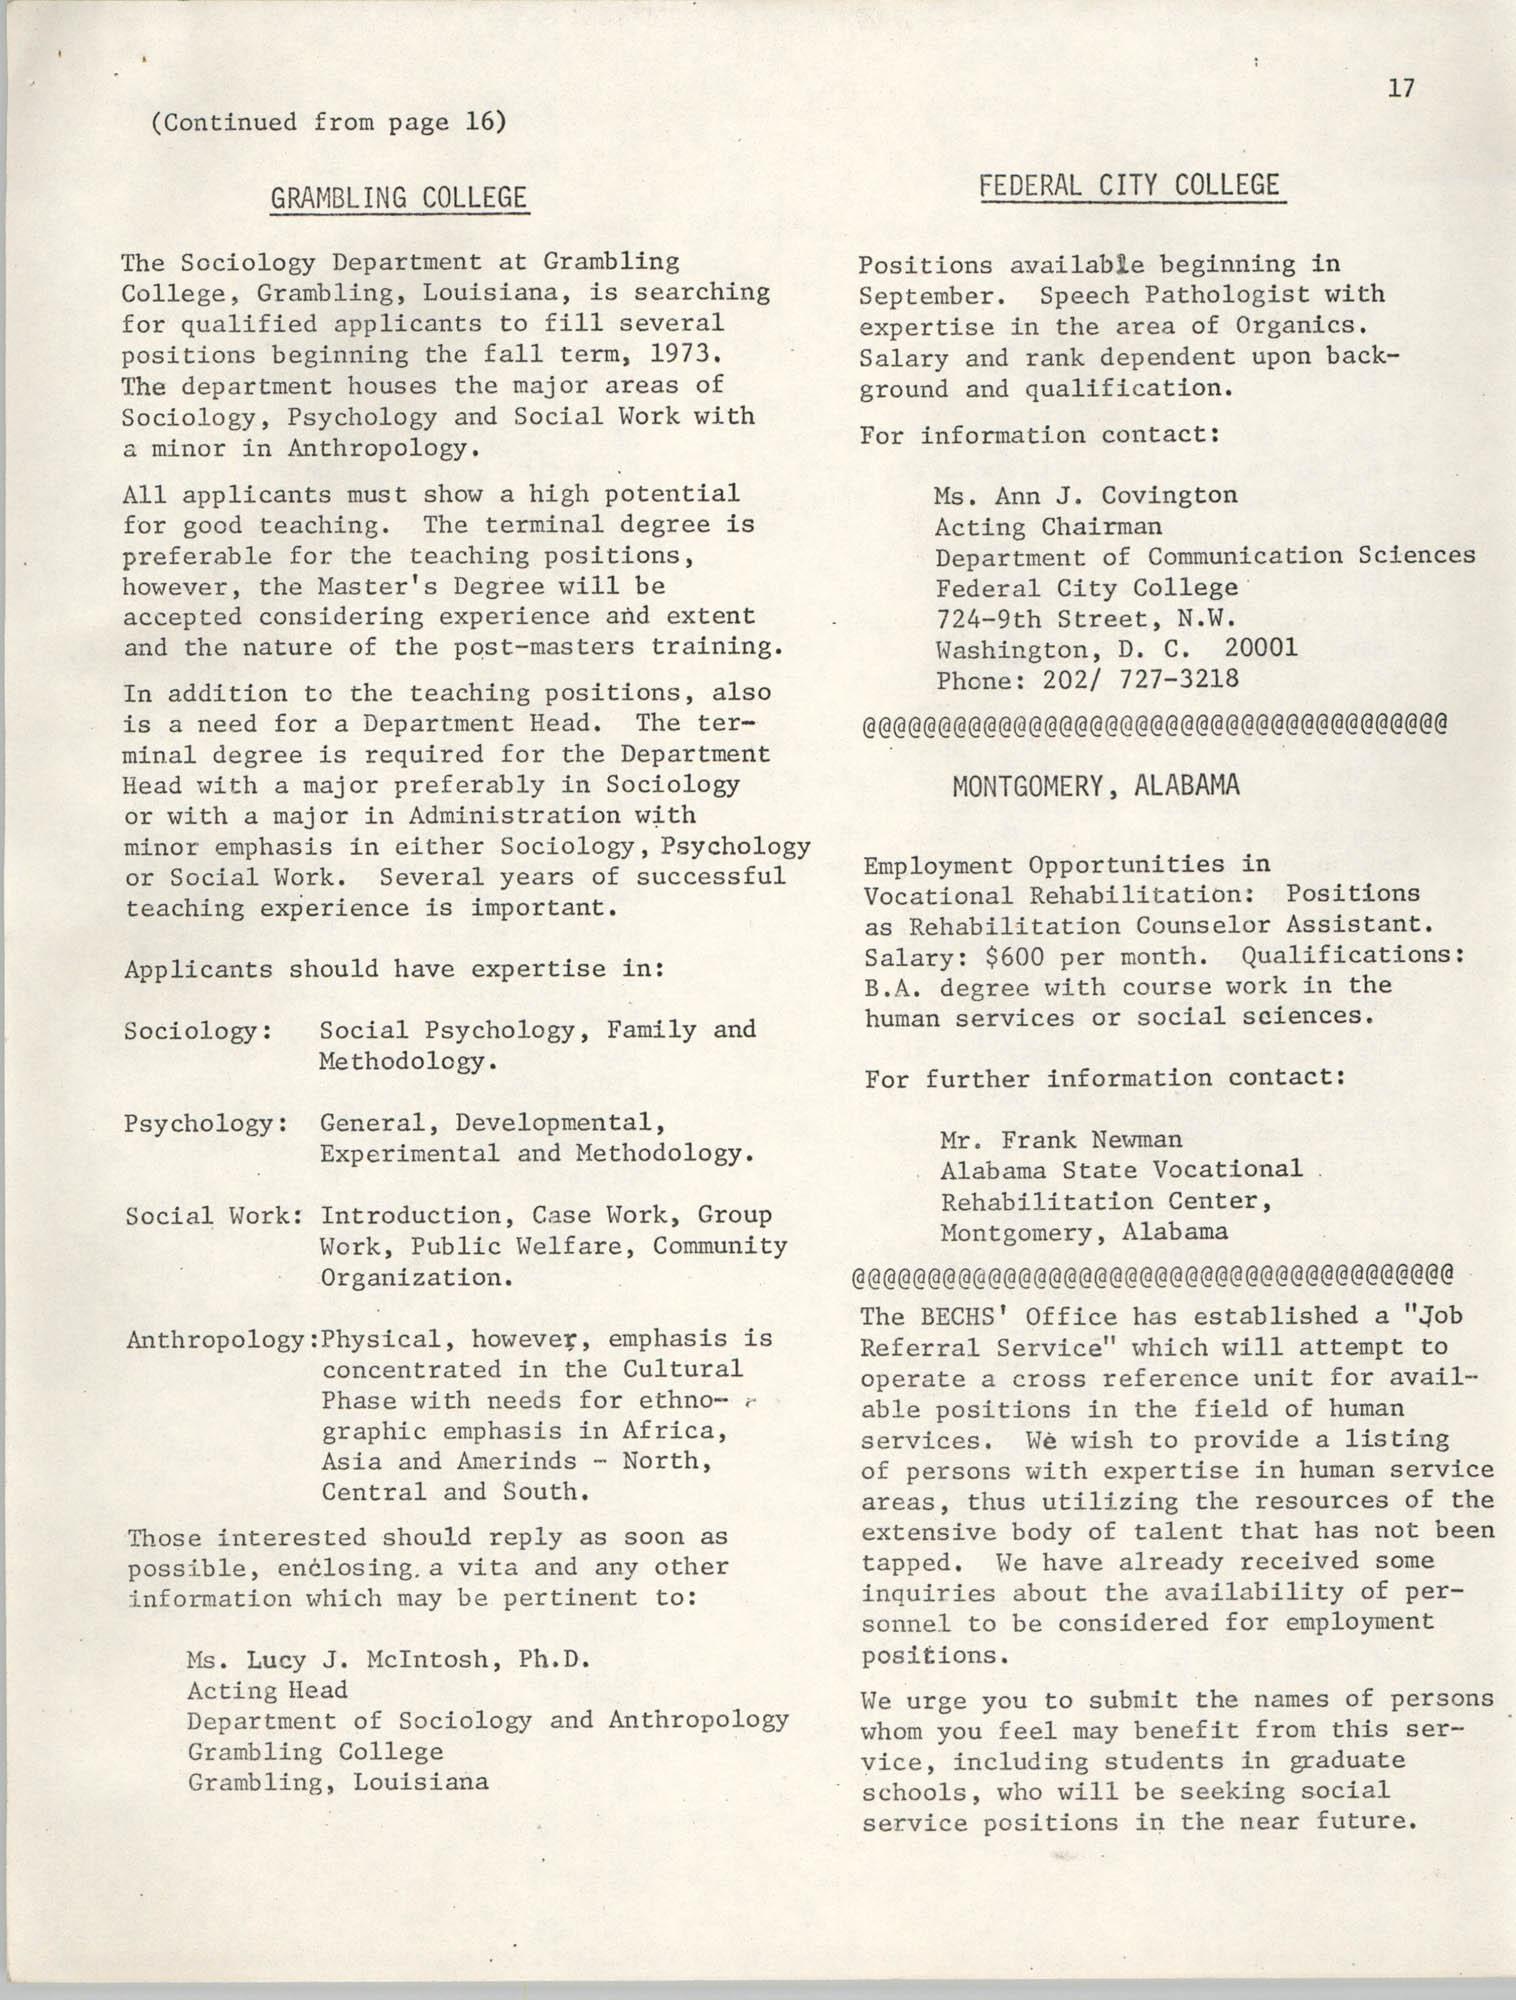 SHARE, Volume I, Number 8, April 1973, Page 17